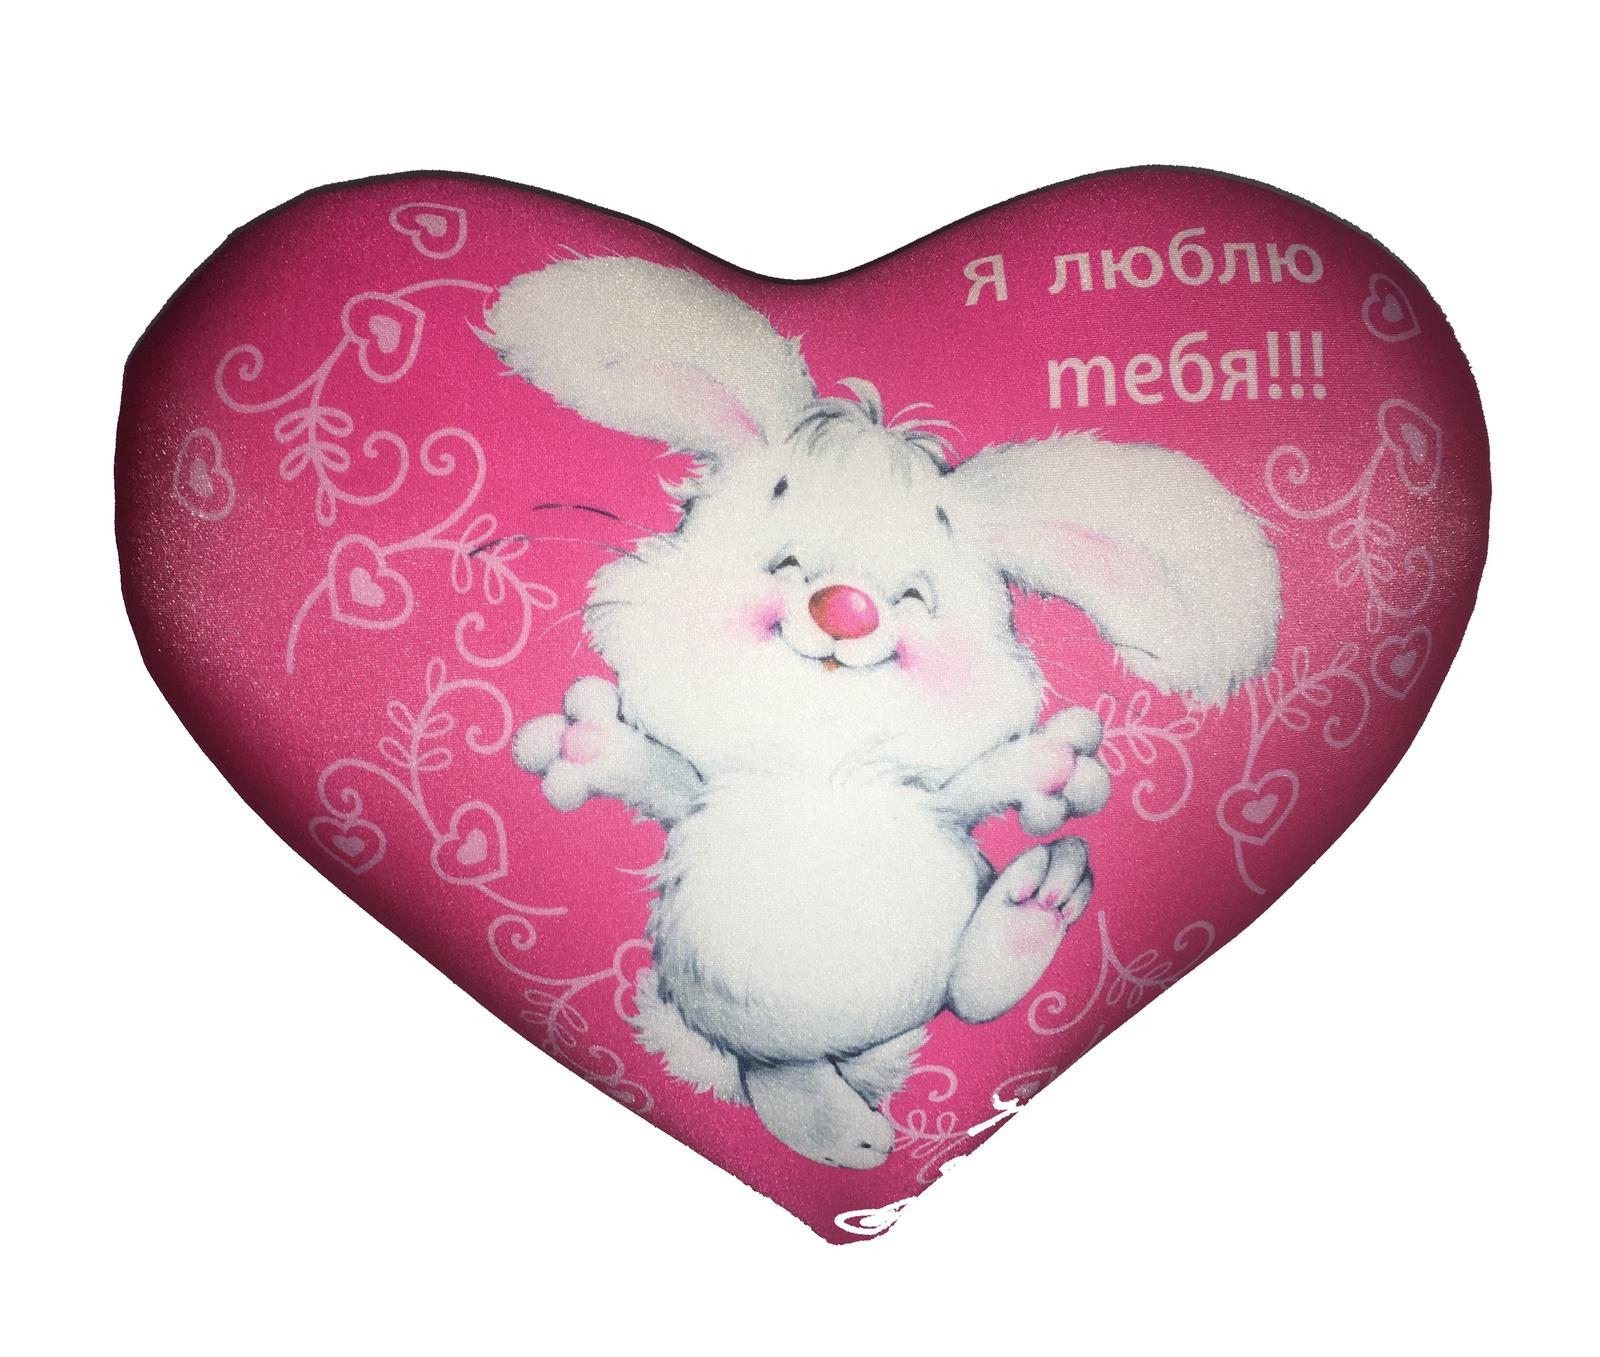 Мягкая игрушка СмолТойс Сердце-антистресс, 2571/РЗ-1